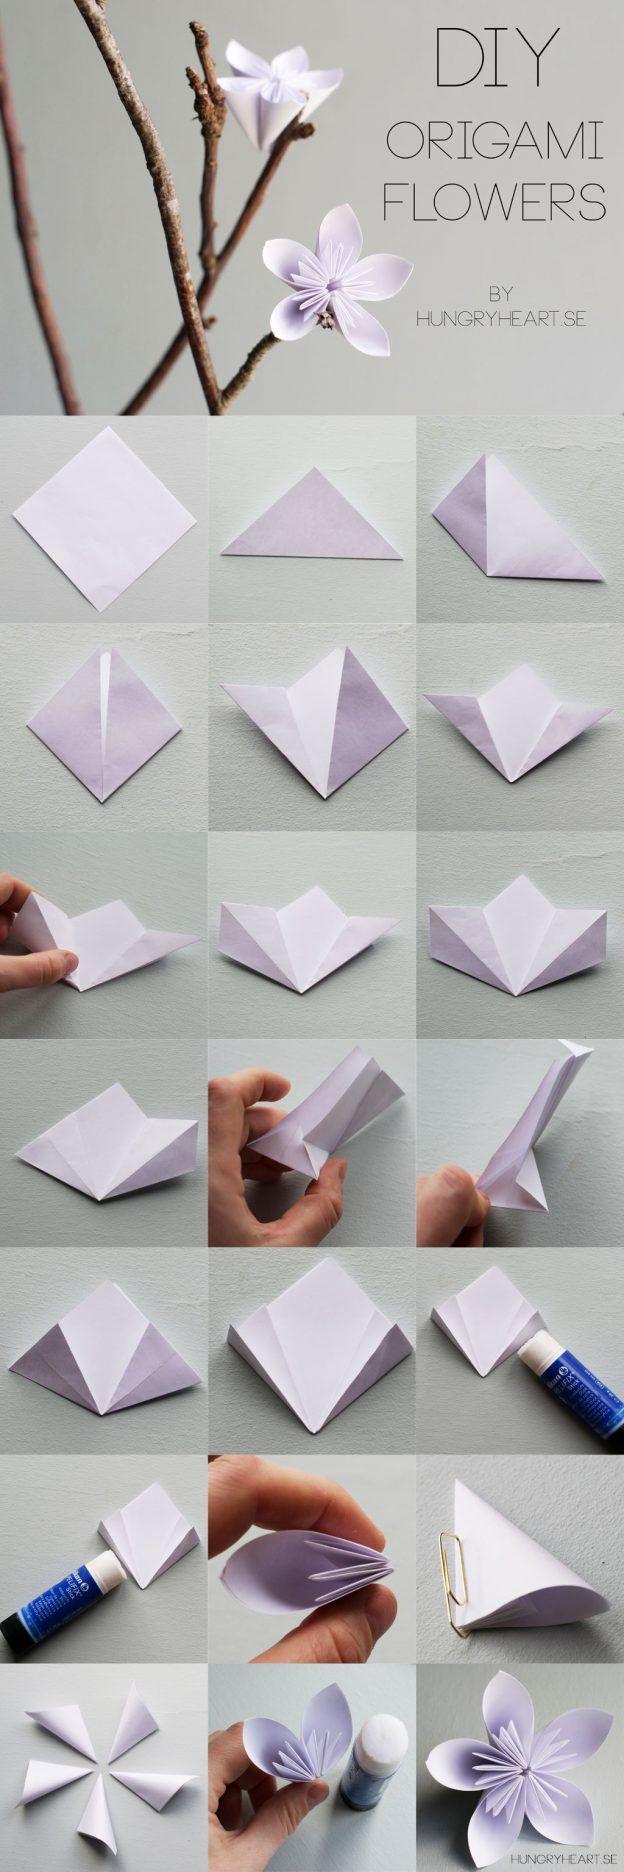 DIY Origami Flower Schritt für Schritt Anleitung   HungryHeart.se #origamianleitungen